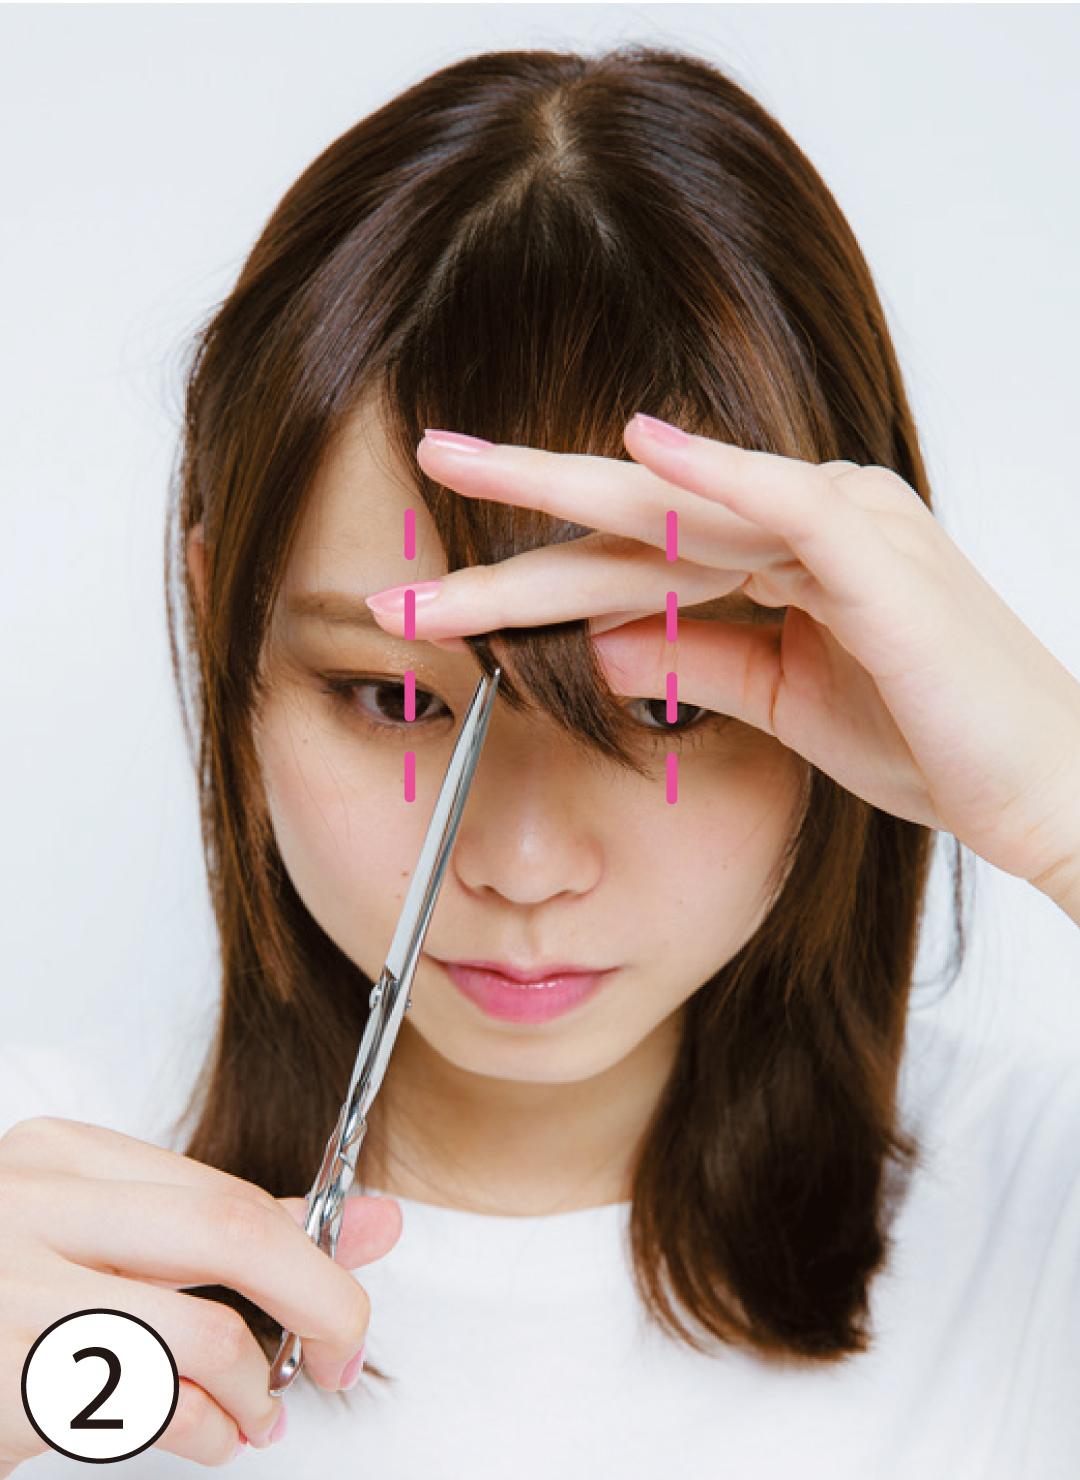 顔型別・前髪セルフカットで小顔! 切り方&スタイリング術も伝授♪_1_4-2